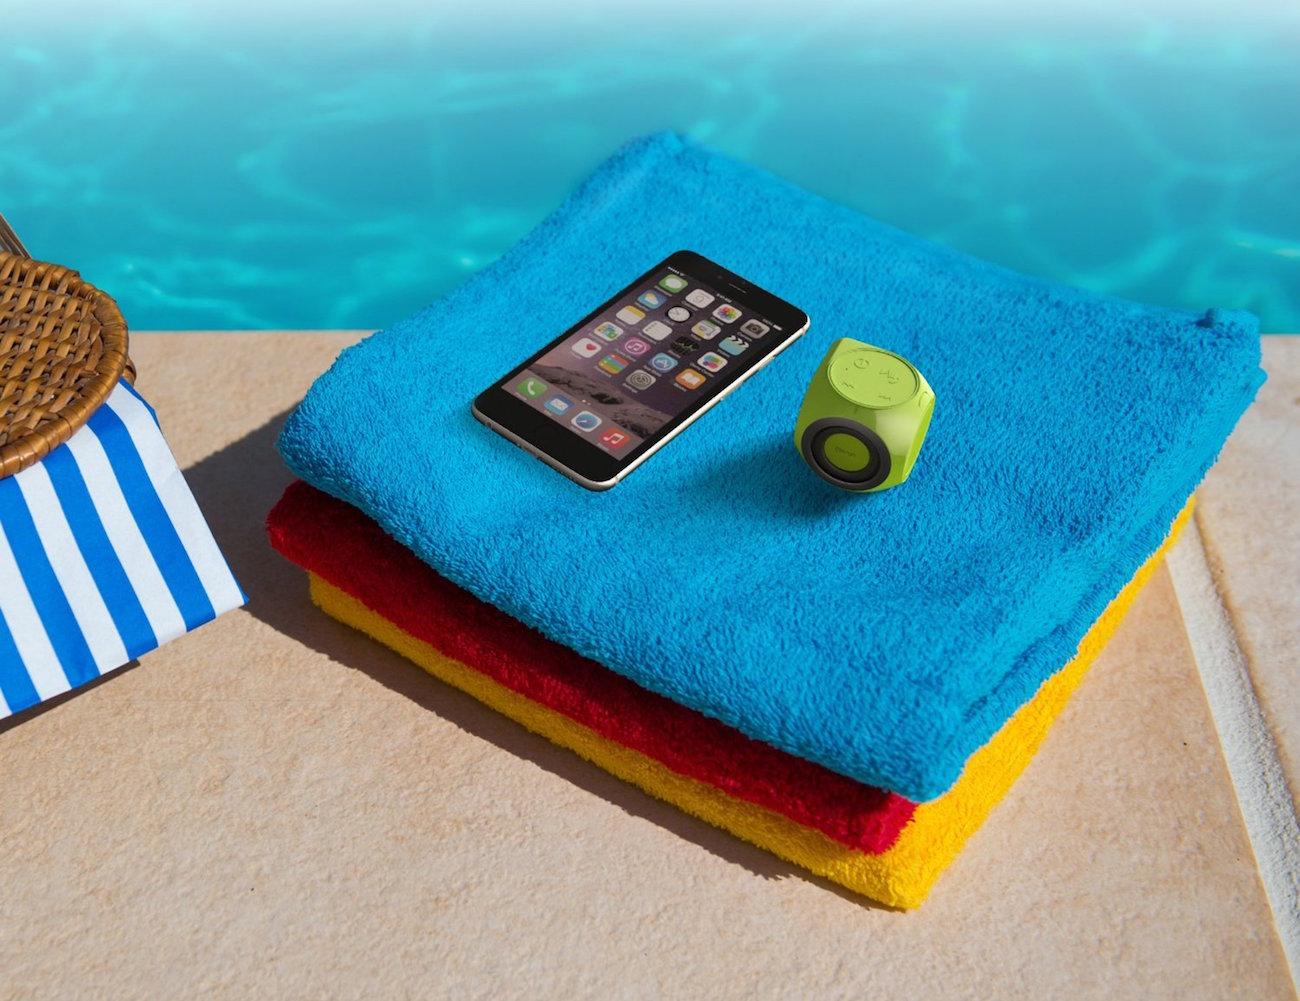 Mengo AquaCube – Waterproof Bluetooth Speaker